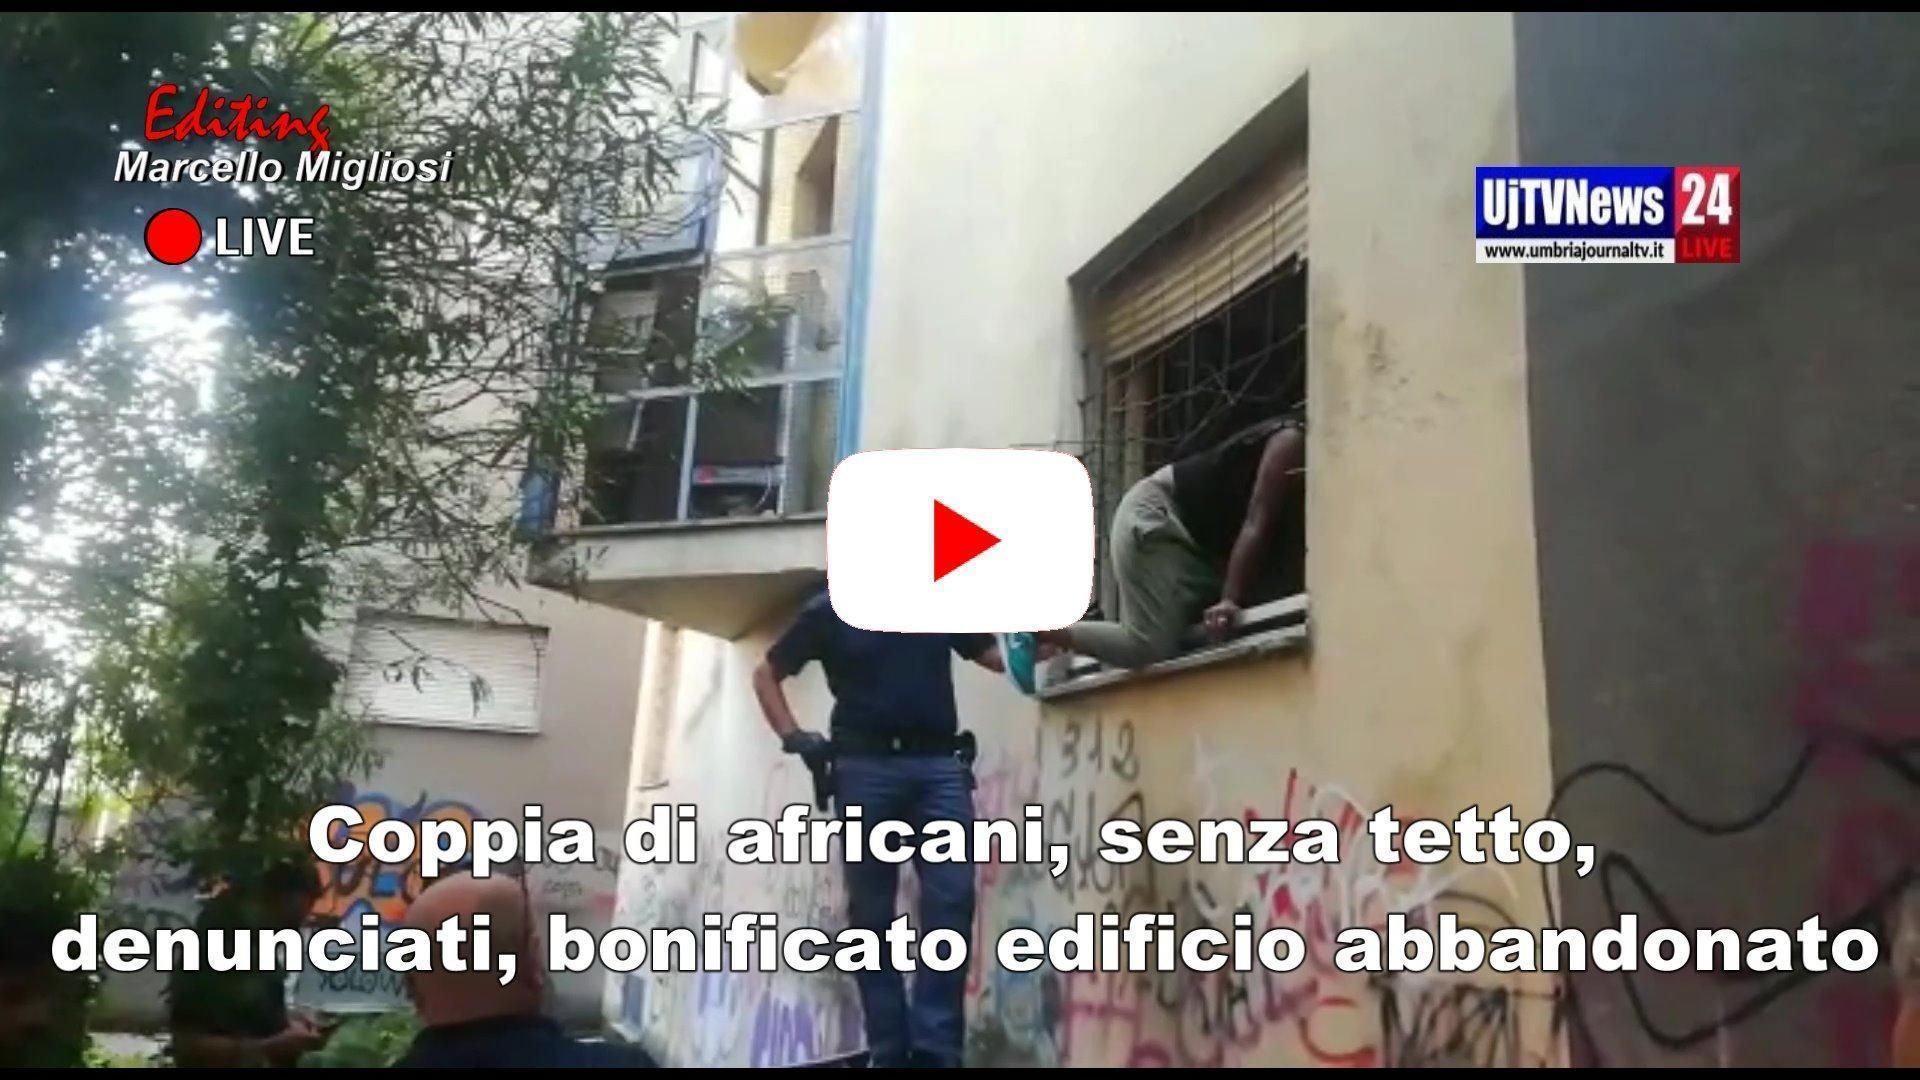 Coppia di africani, senza tetto, denunciati, bonificato edificio abbandonato